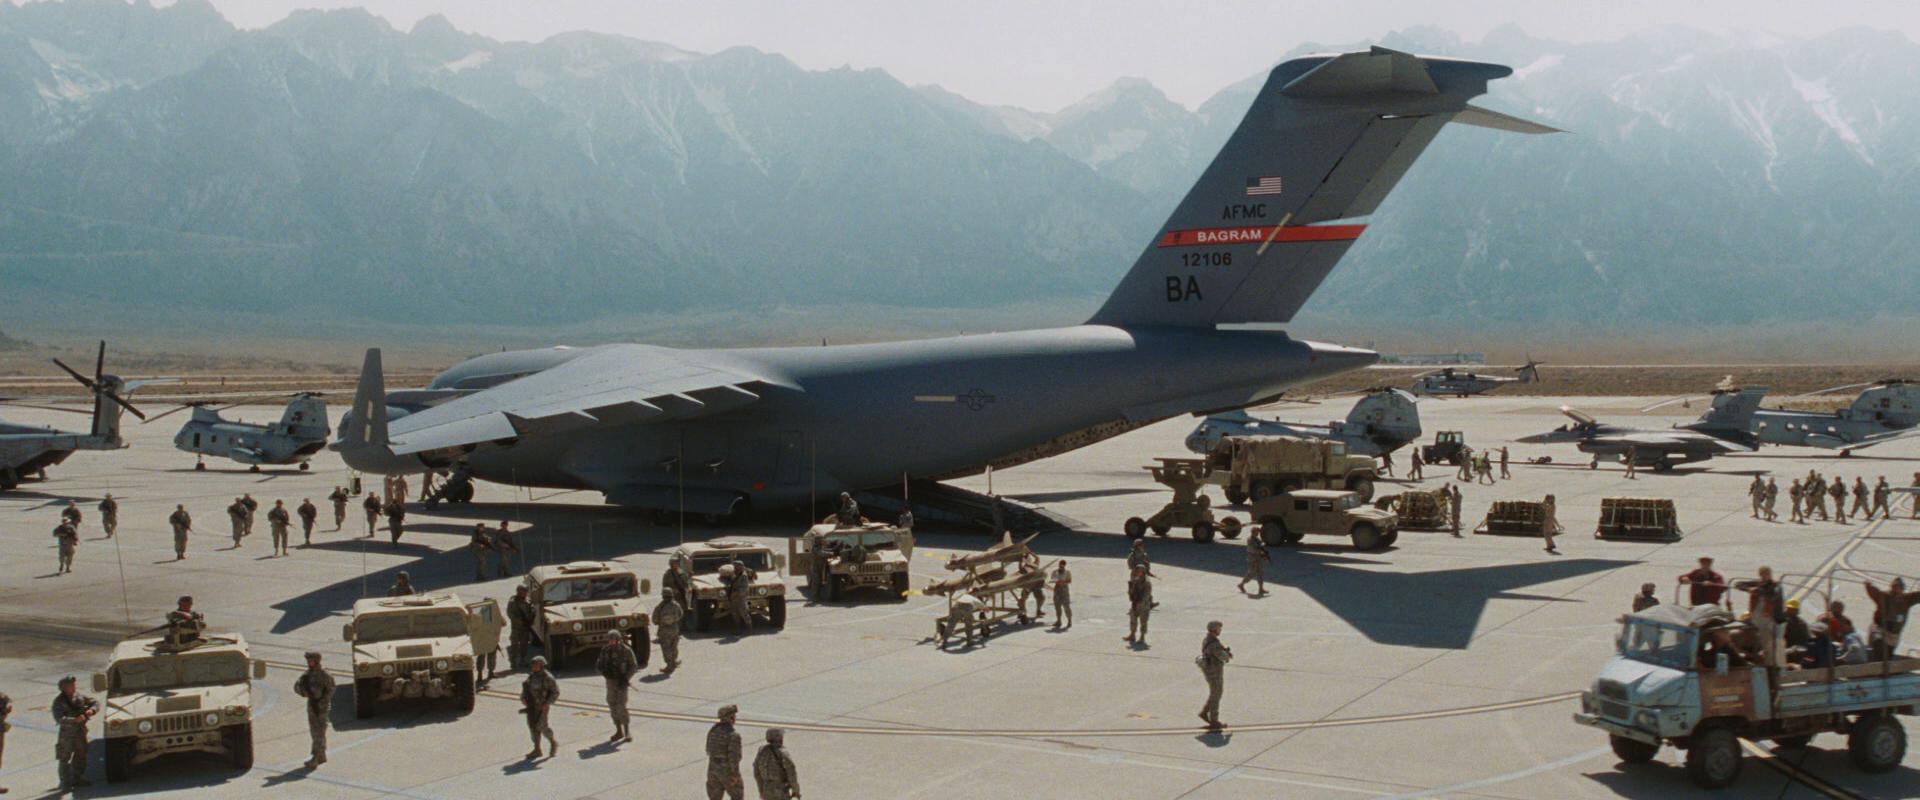 Base Aérea de Bagram